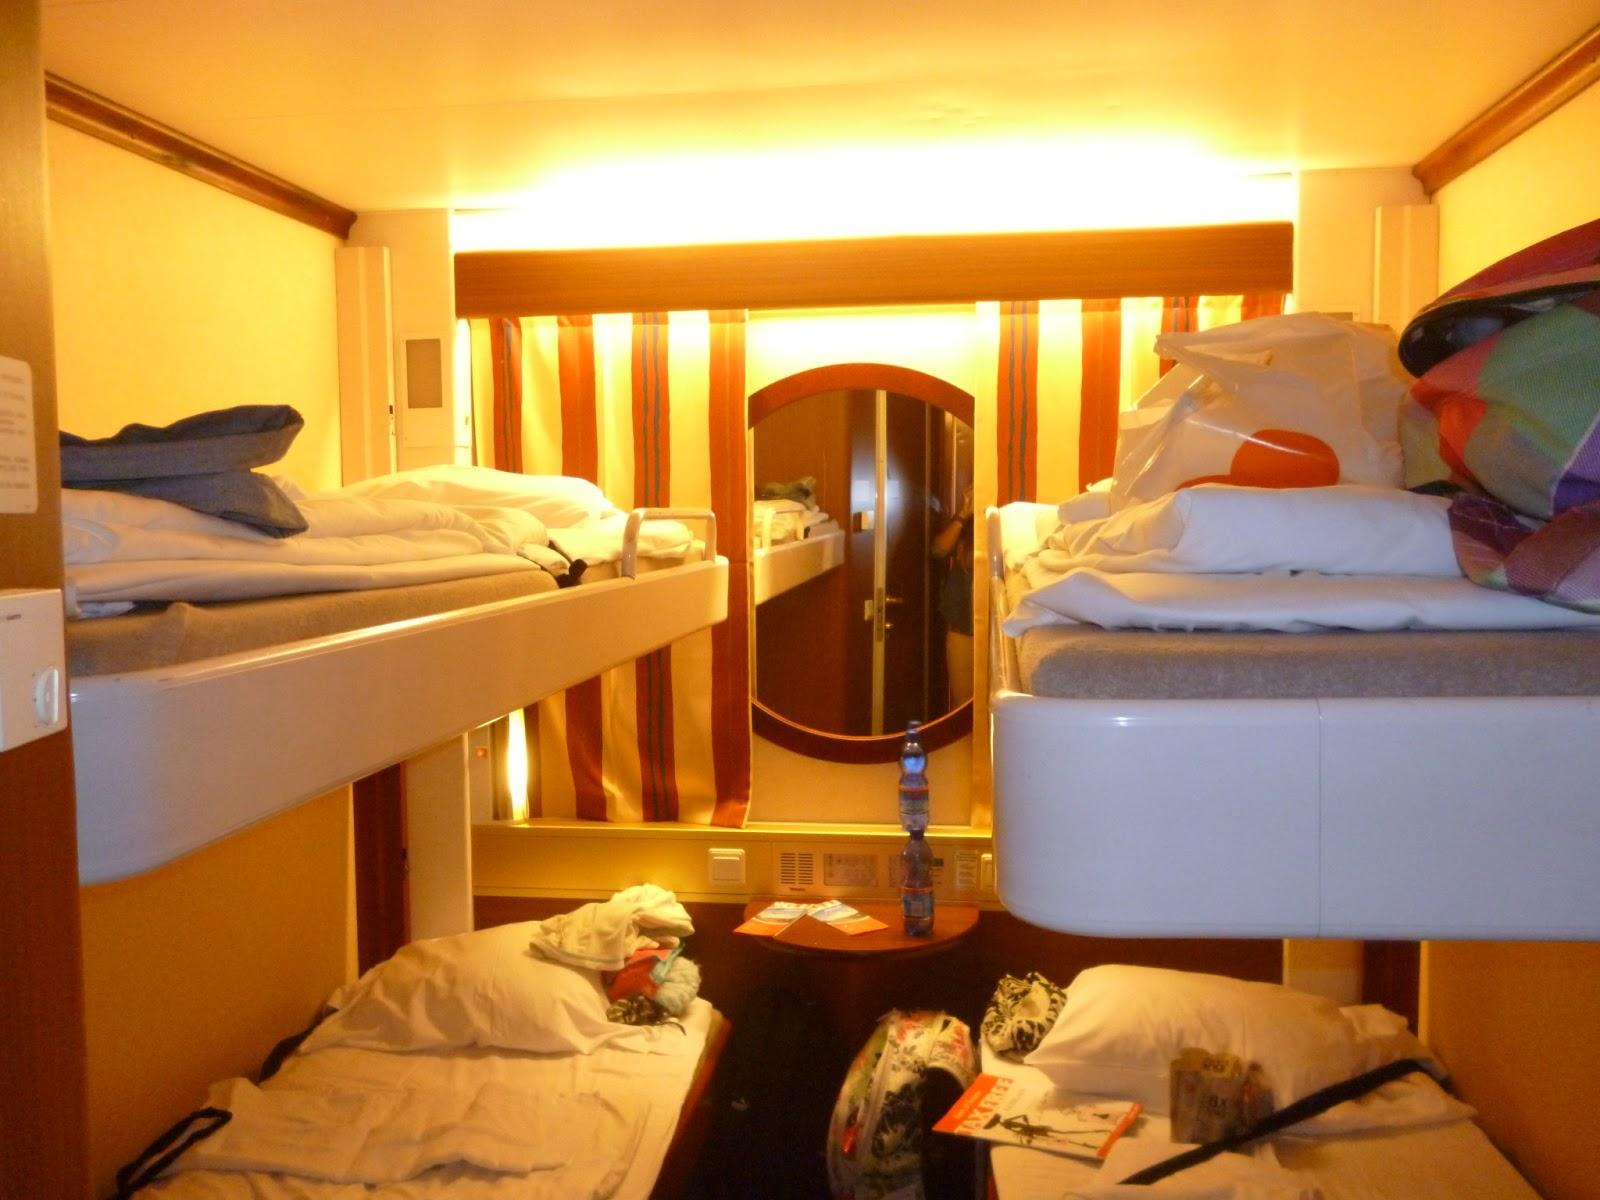 stockholm booze cruise from Helsinki